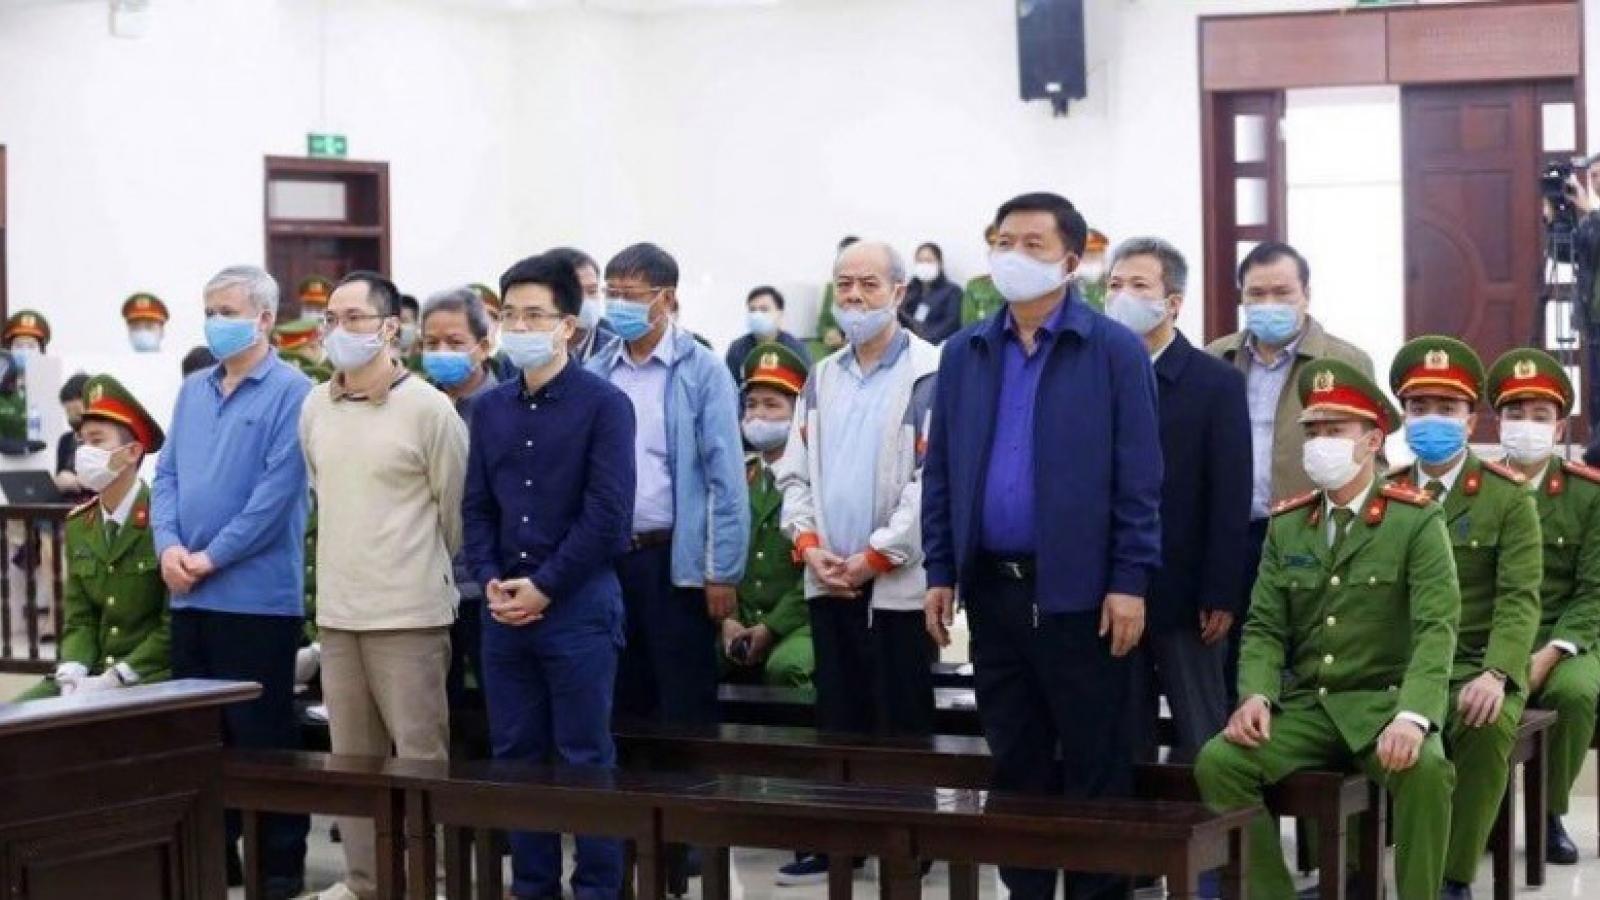 Xét xử phúc thẩm vụ án Ethanol Phú Thọ: Tình tiết mới trong nội dung kháng cáo